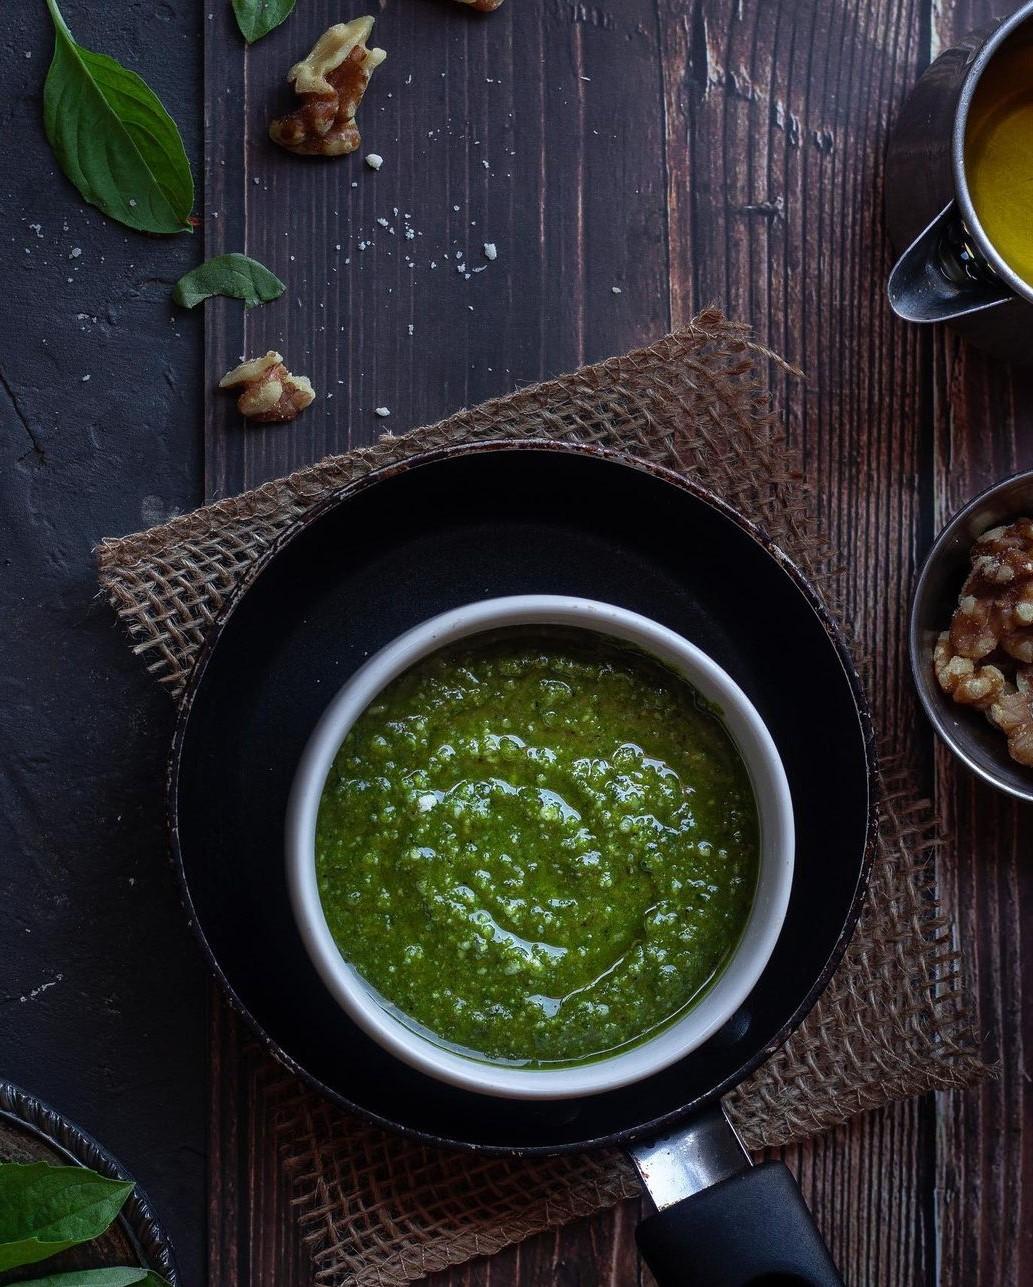 طرز تهیه سس پستو سبز خوشمزه برای مرغ و پاستا به روش ایتالیایی اصل